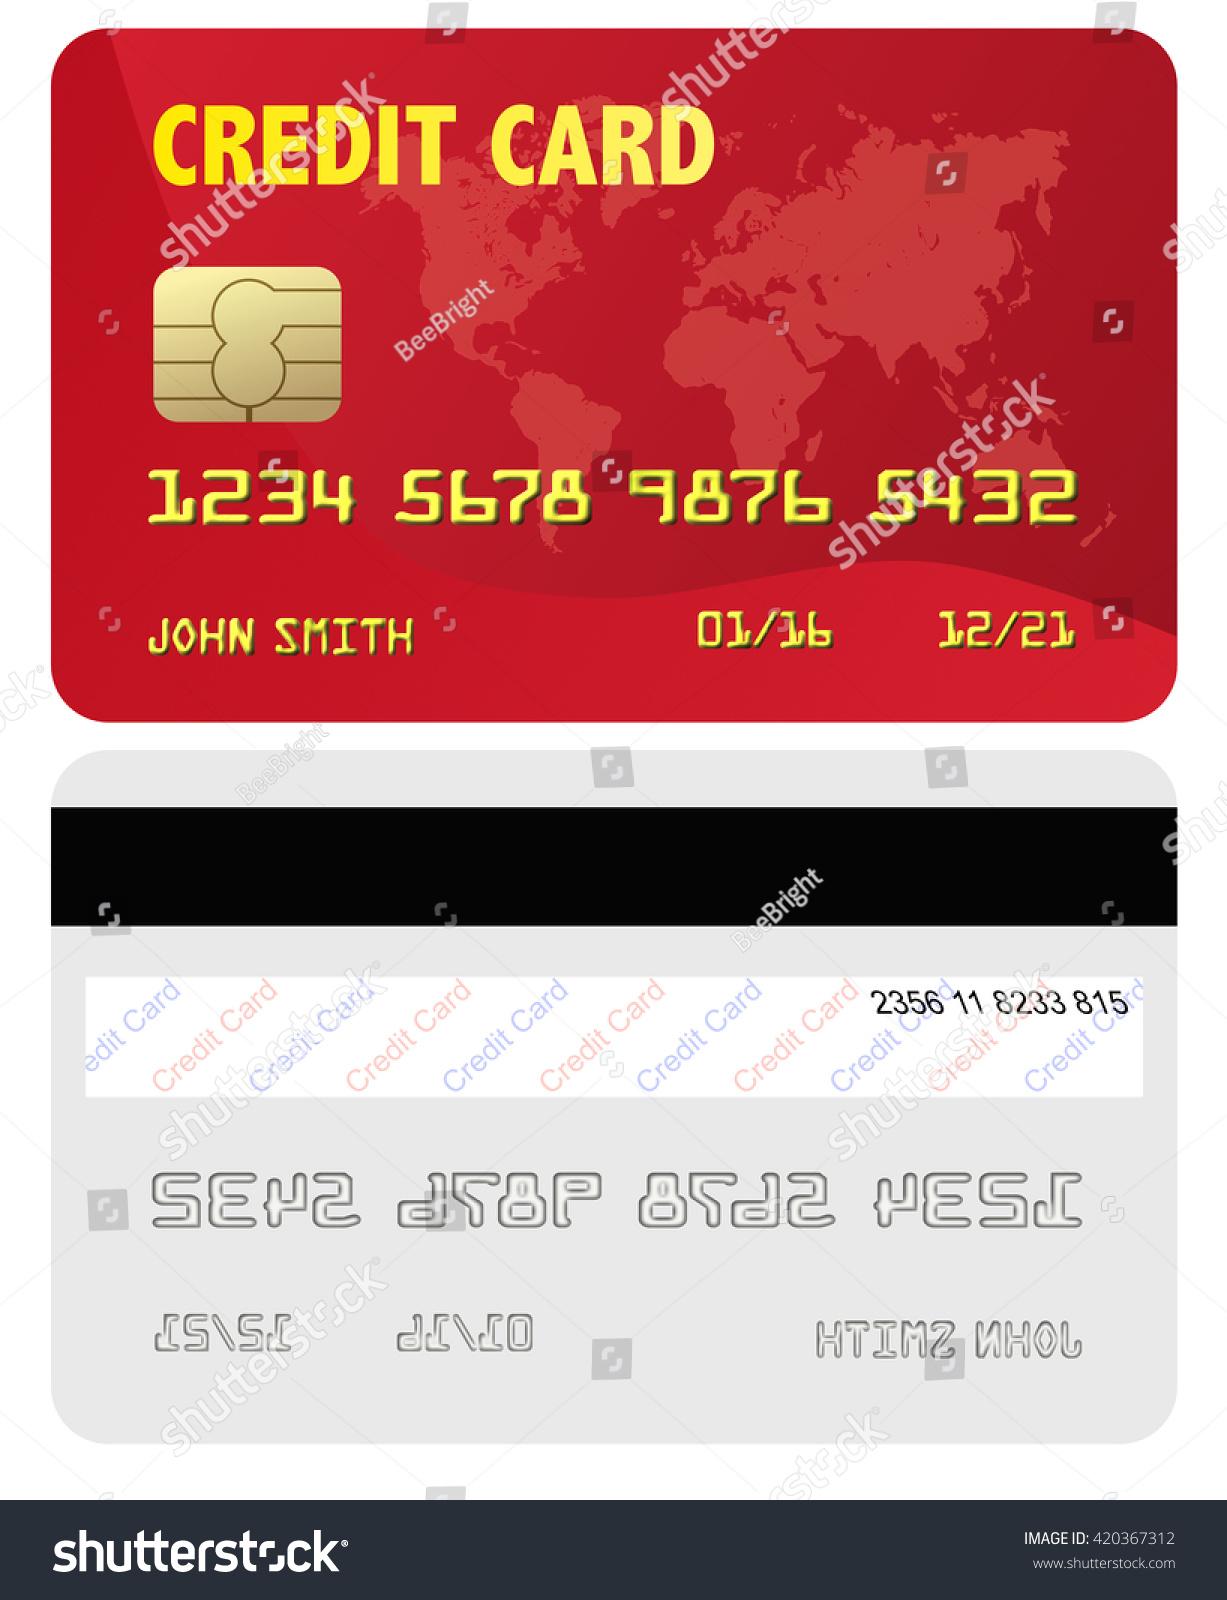 Suchen Sie nach Generic Credit Card Red Front Back-Stockbildern